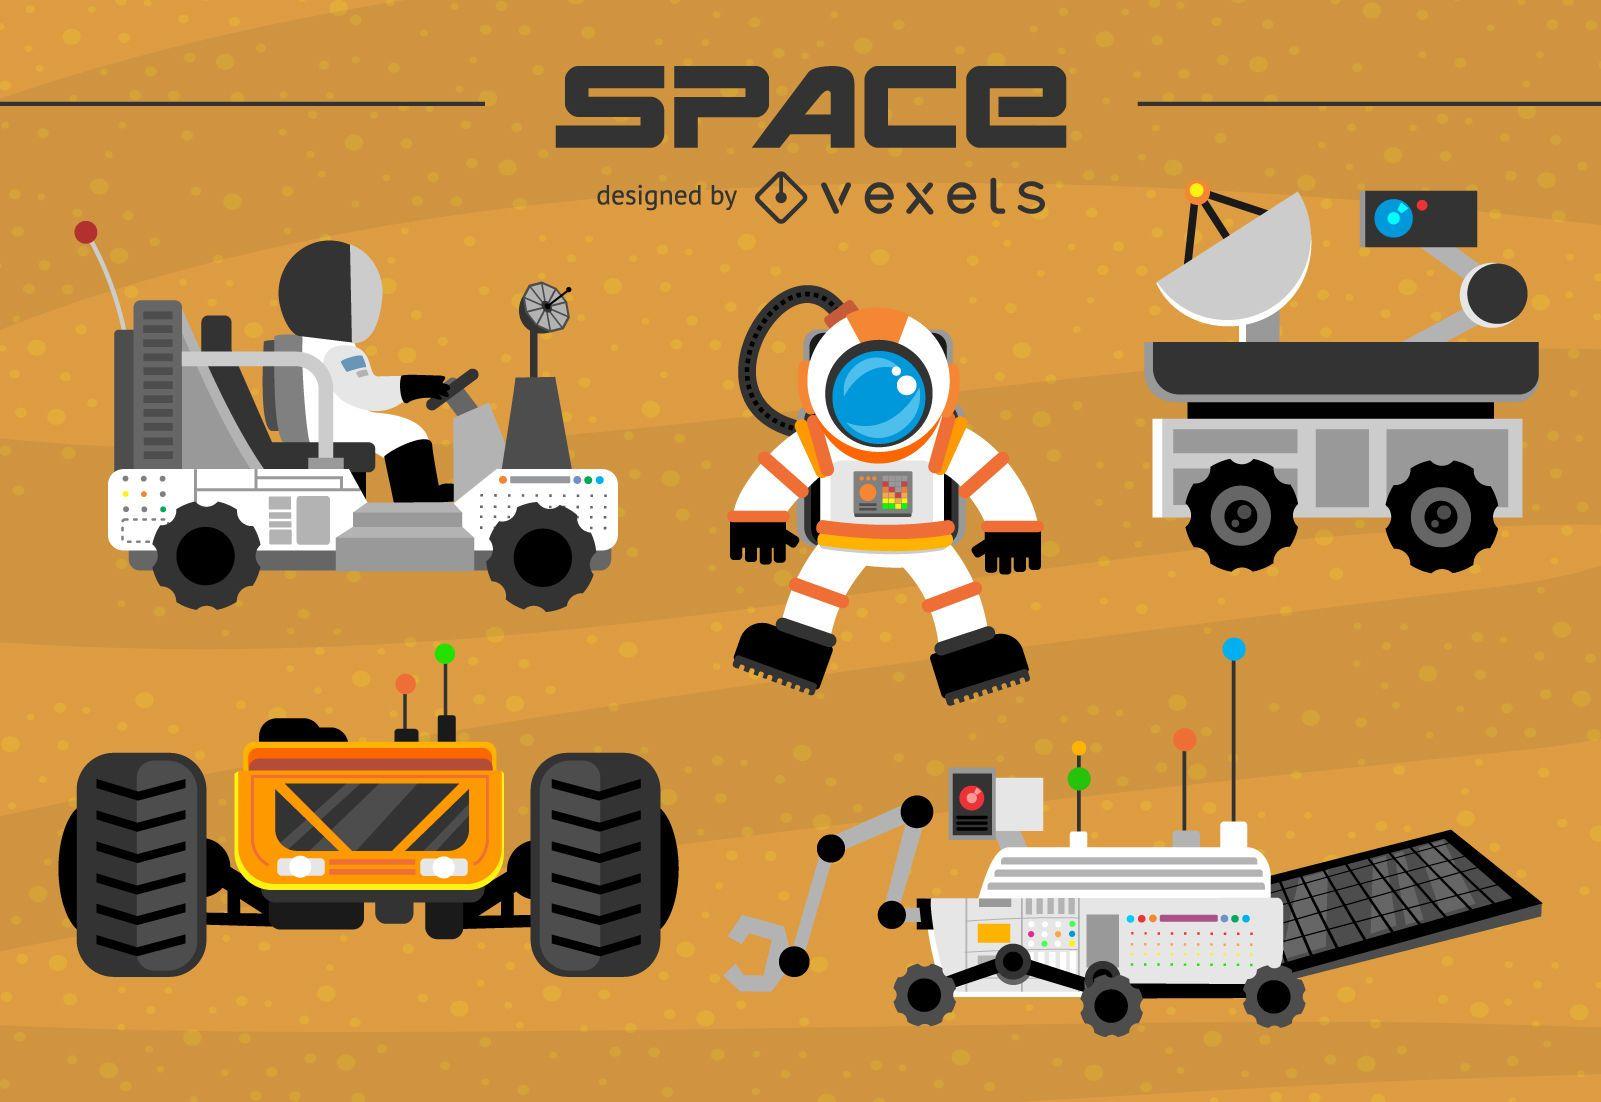 Space exploration vehicles set